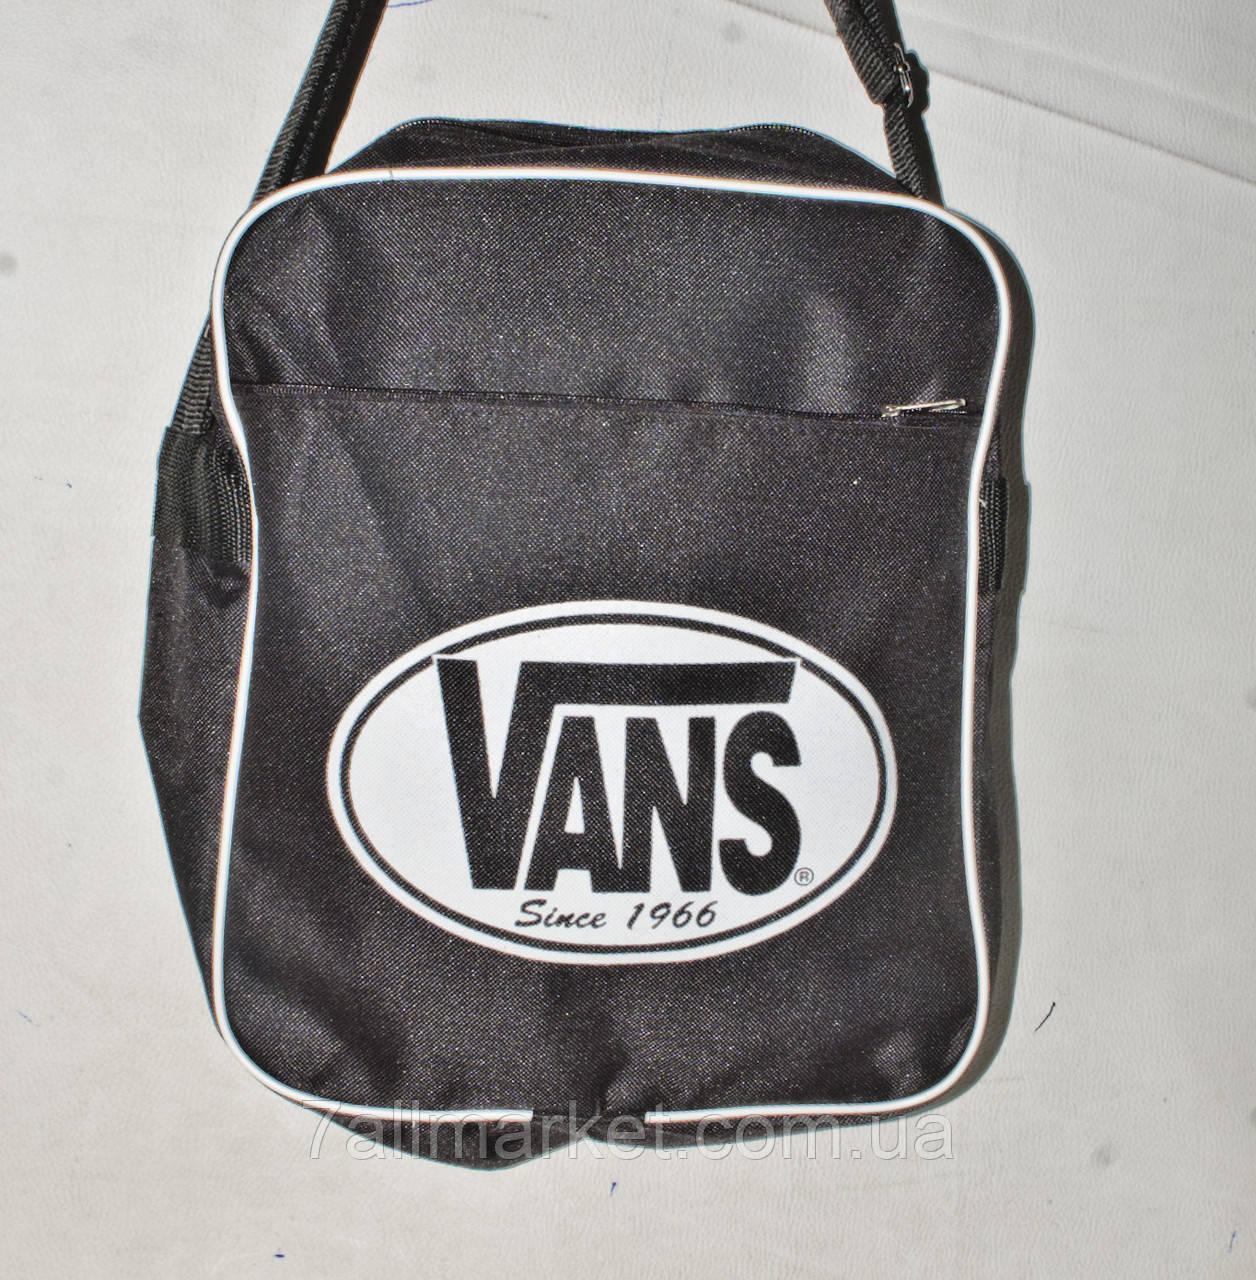 49773b730b3 Сумка спортивная Vans оригинальная размер 26 33 Серии